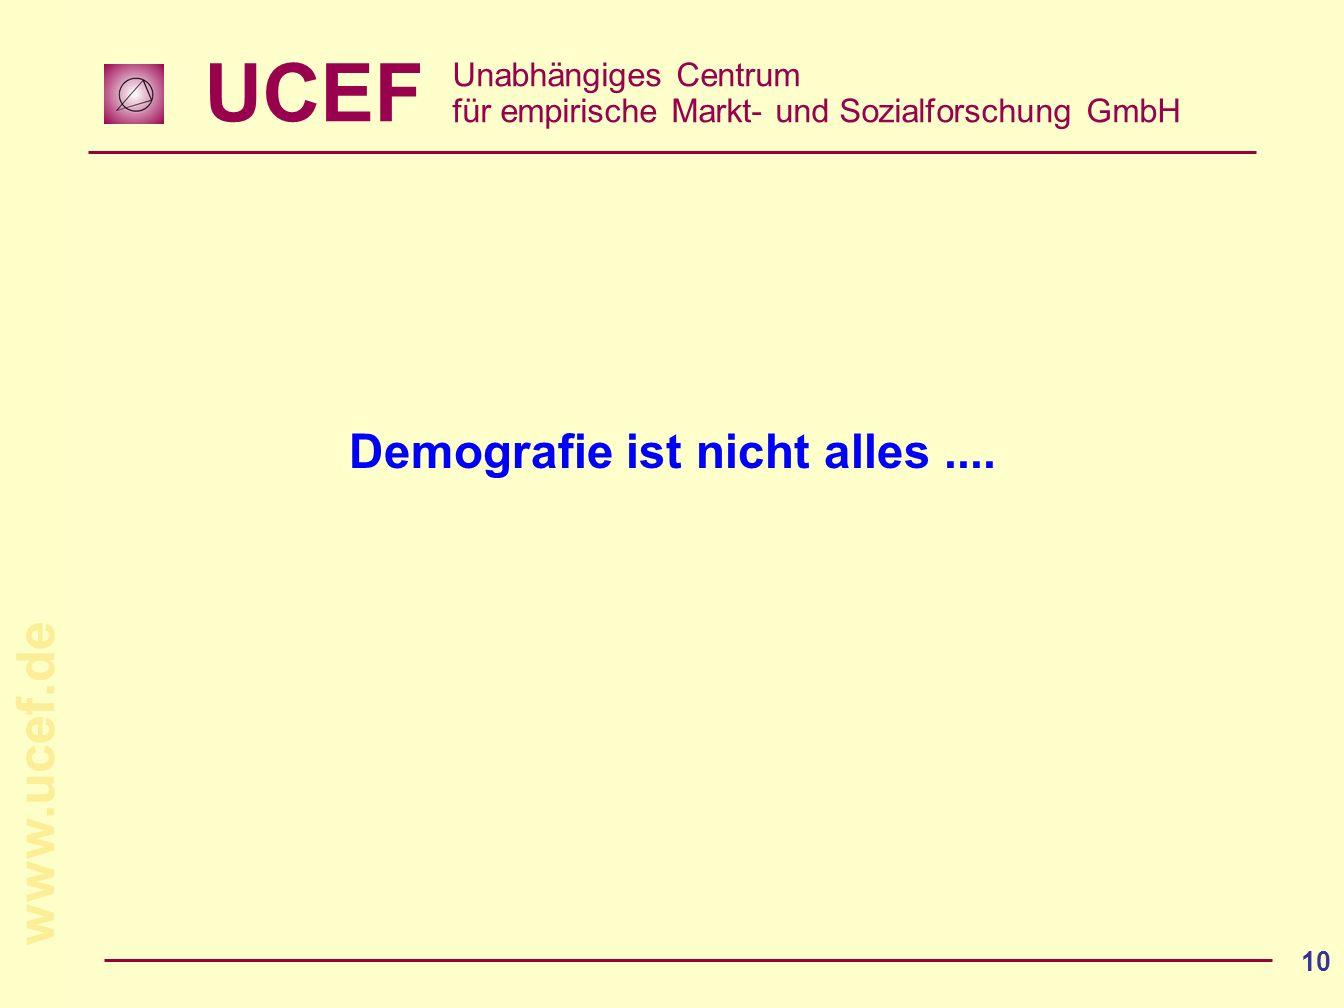 UCEF Unabhängiges Centrum für empirische Markt- und Sozialforschung GmbH www.ucef.de 10 Demografie ist nicht alles....